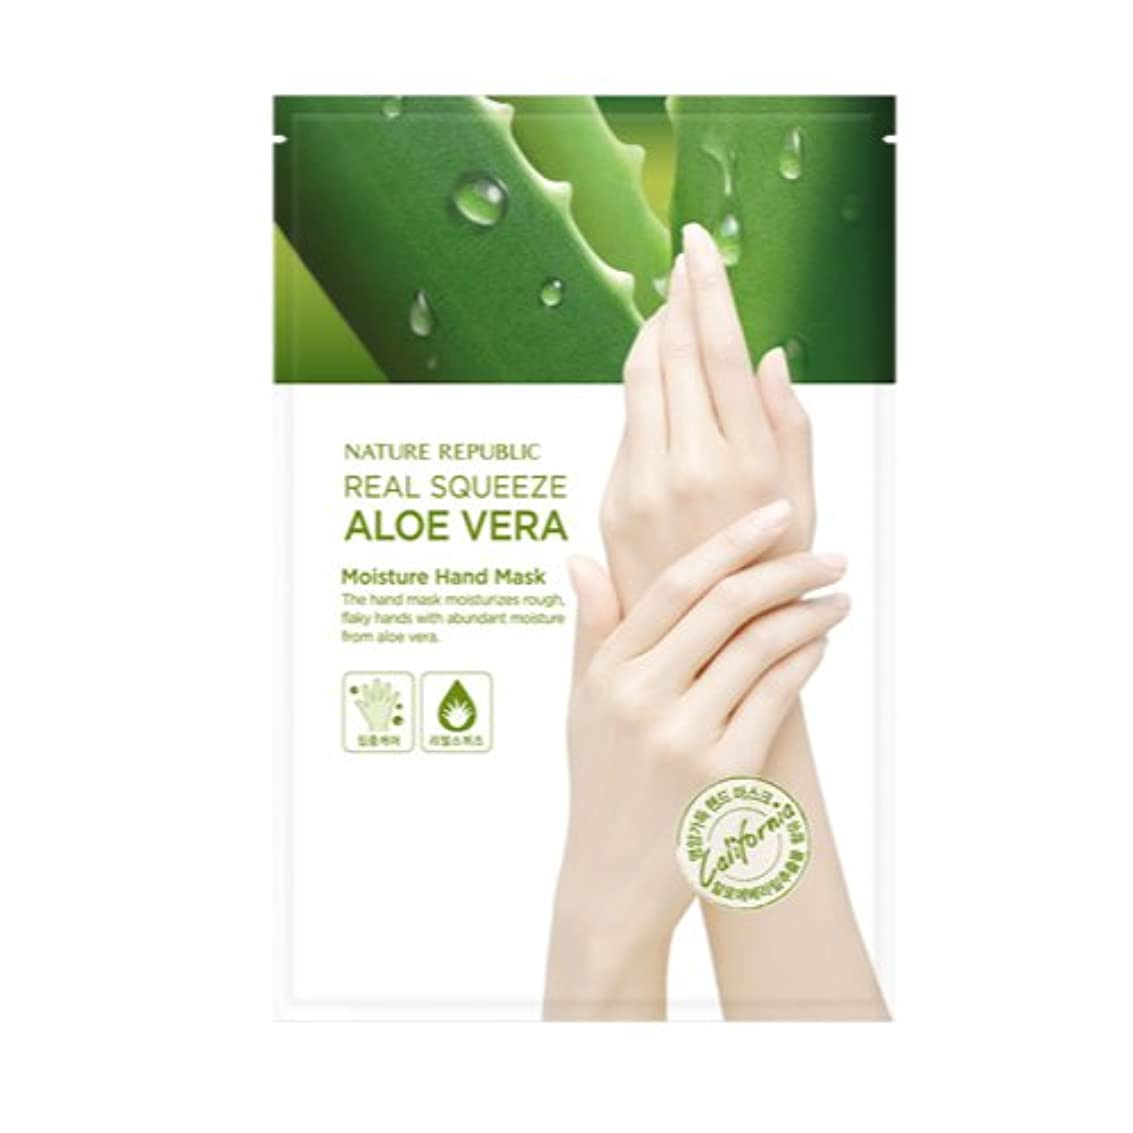 適応講堂作曲する[ネイチャーリパブリック] Nature republicリアルスクイズアロエベラモイスチャーハンドマスク(2枚入1回分)海外直送品(Real Squeeze Aloe Vera Moisture Hand Mask)...